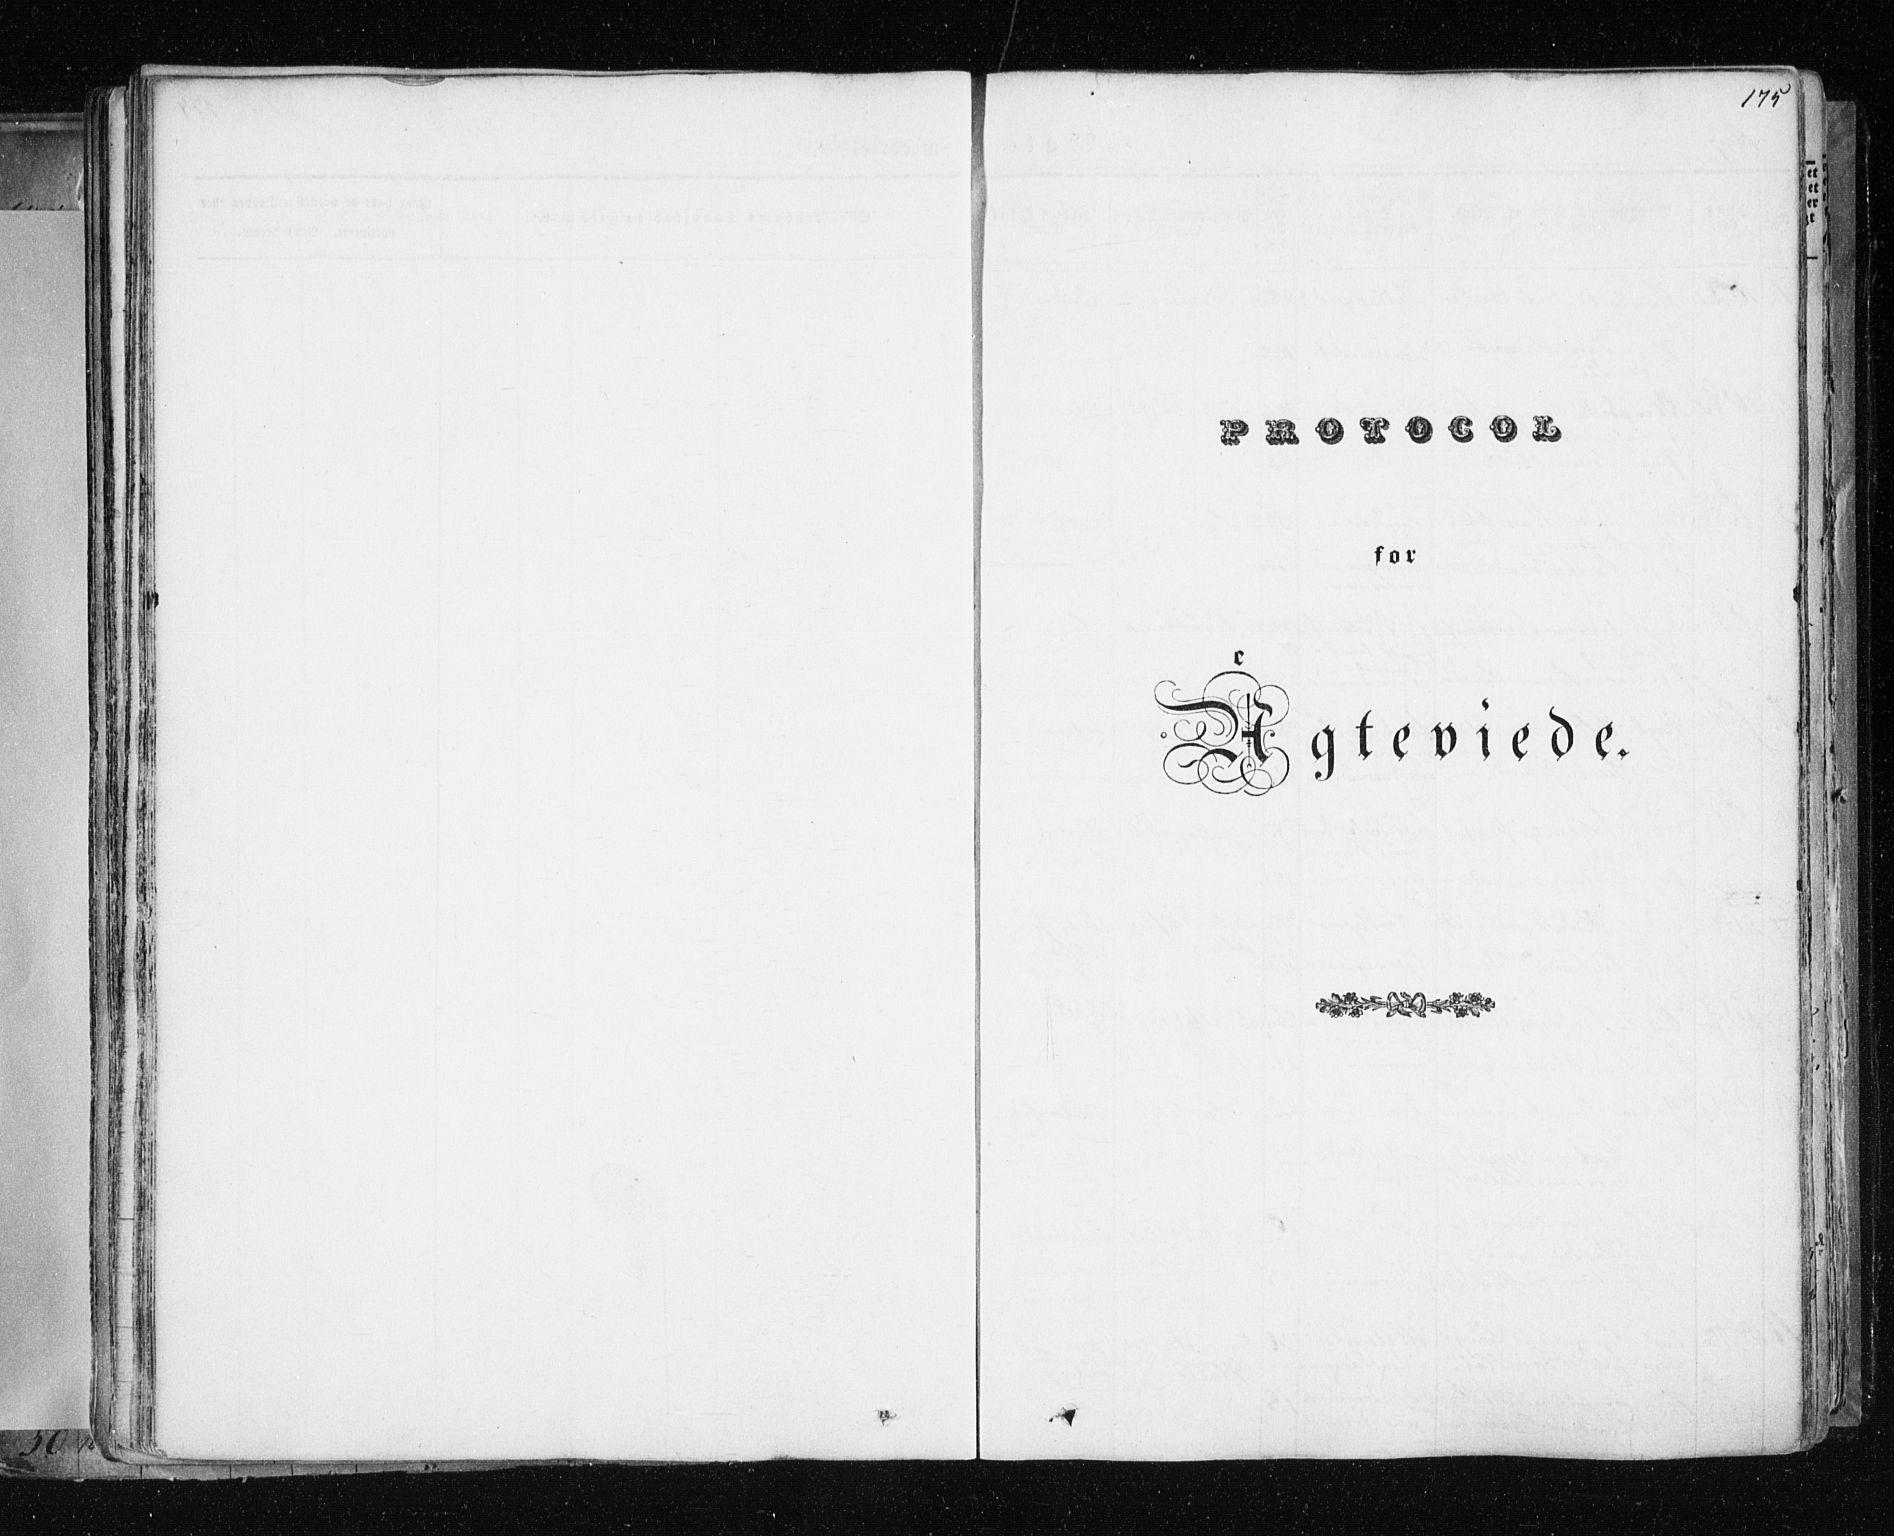 SATØ, Tromsø sokneprestkontor/stiftsprosti/domprosti, G/Ga/L0009kirke: Ministerialbok nr. 9, 1837-1847, s. 175